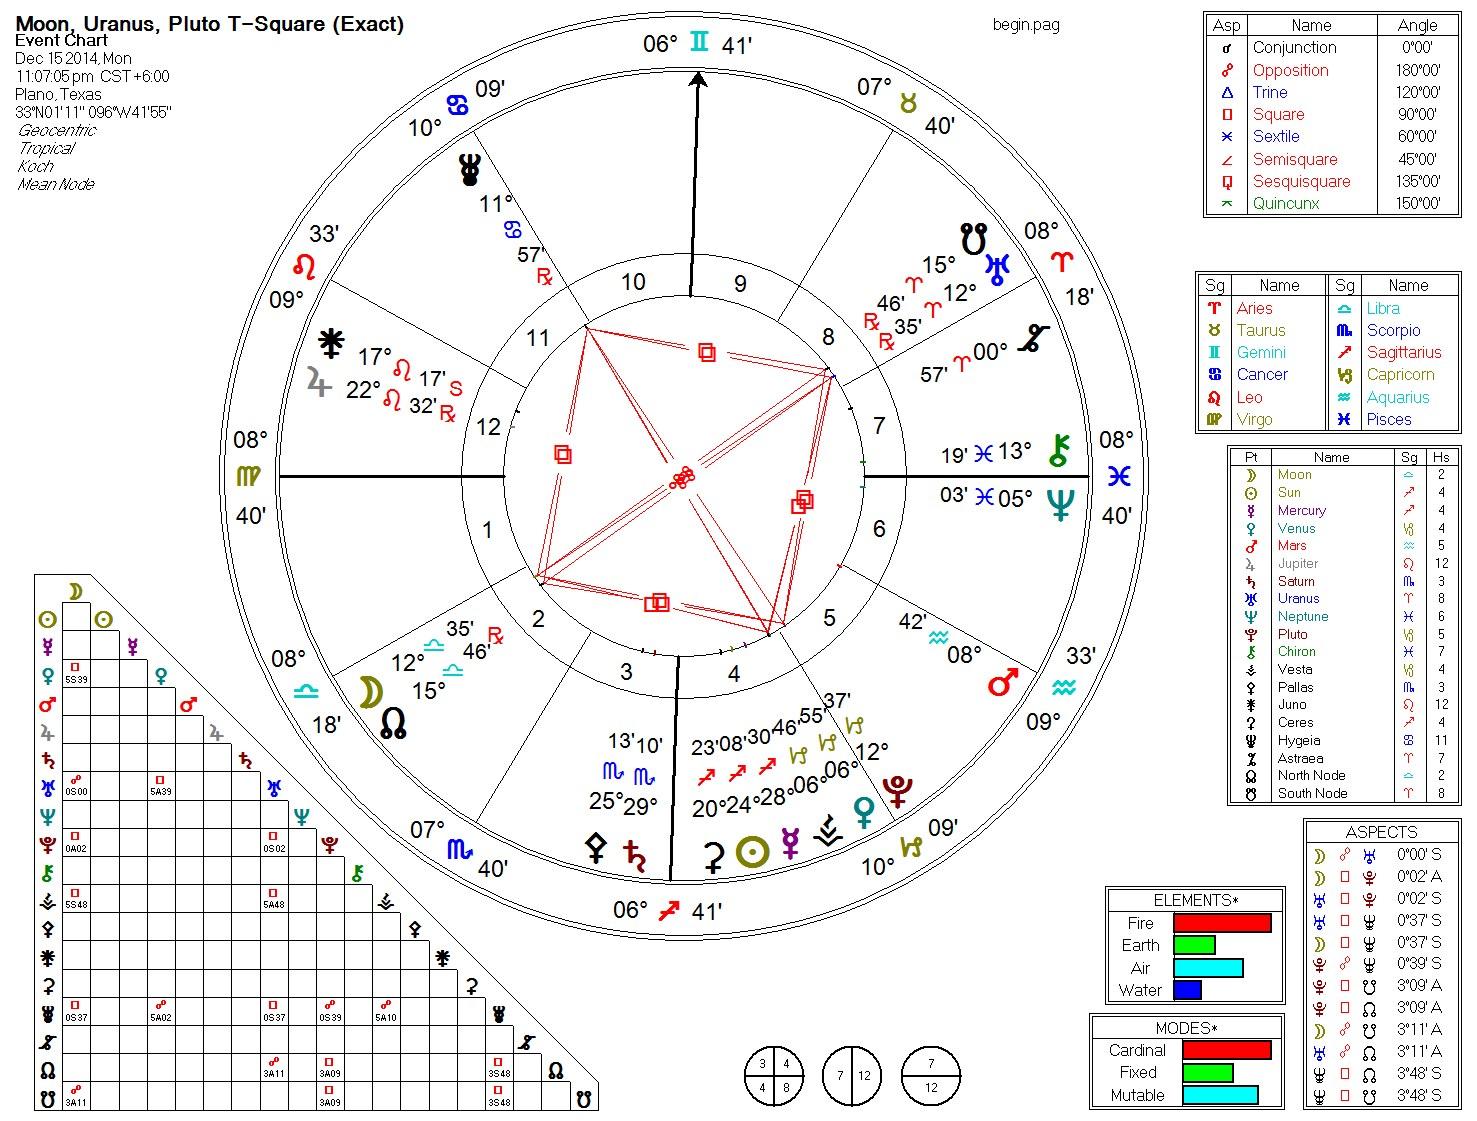 Uranus, Pluto, Moon T-Square (Beginners) 2014-12